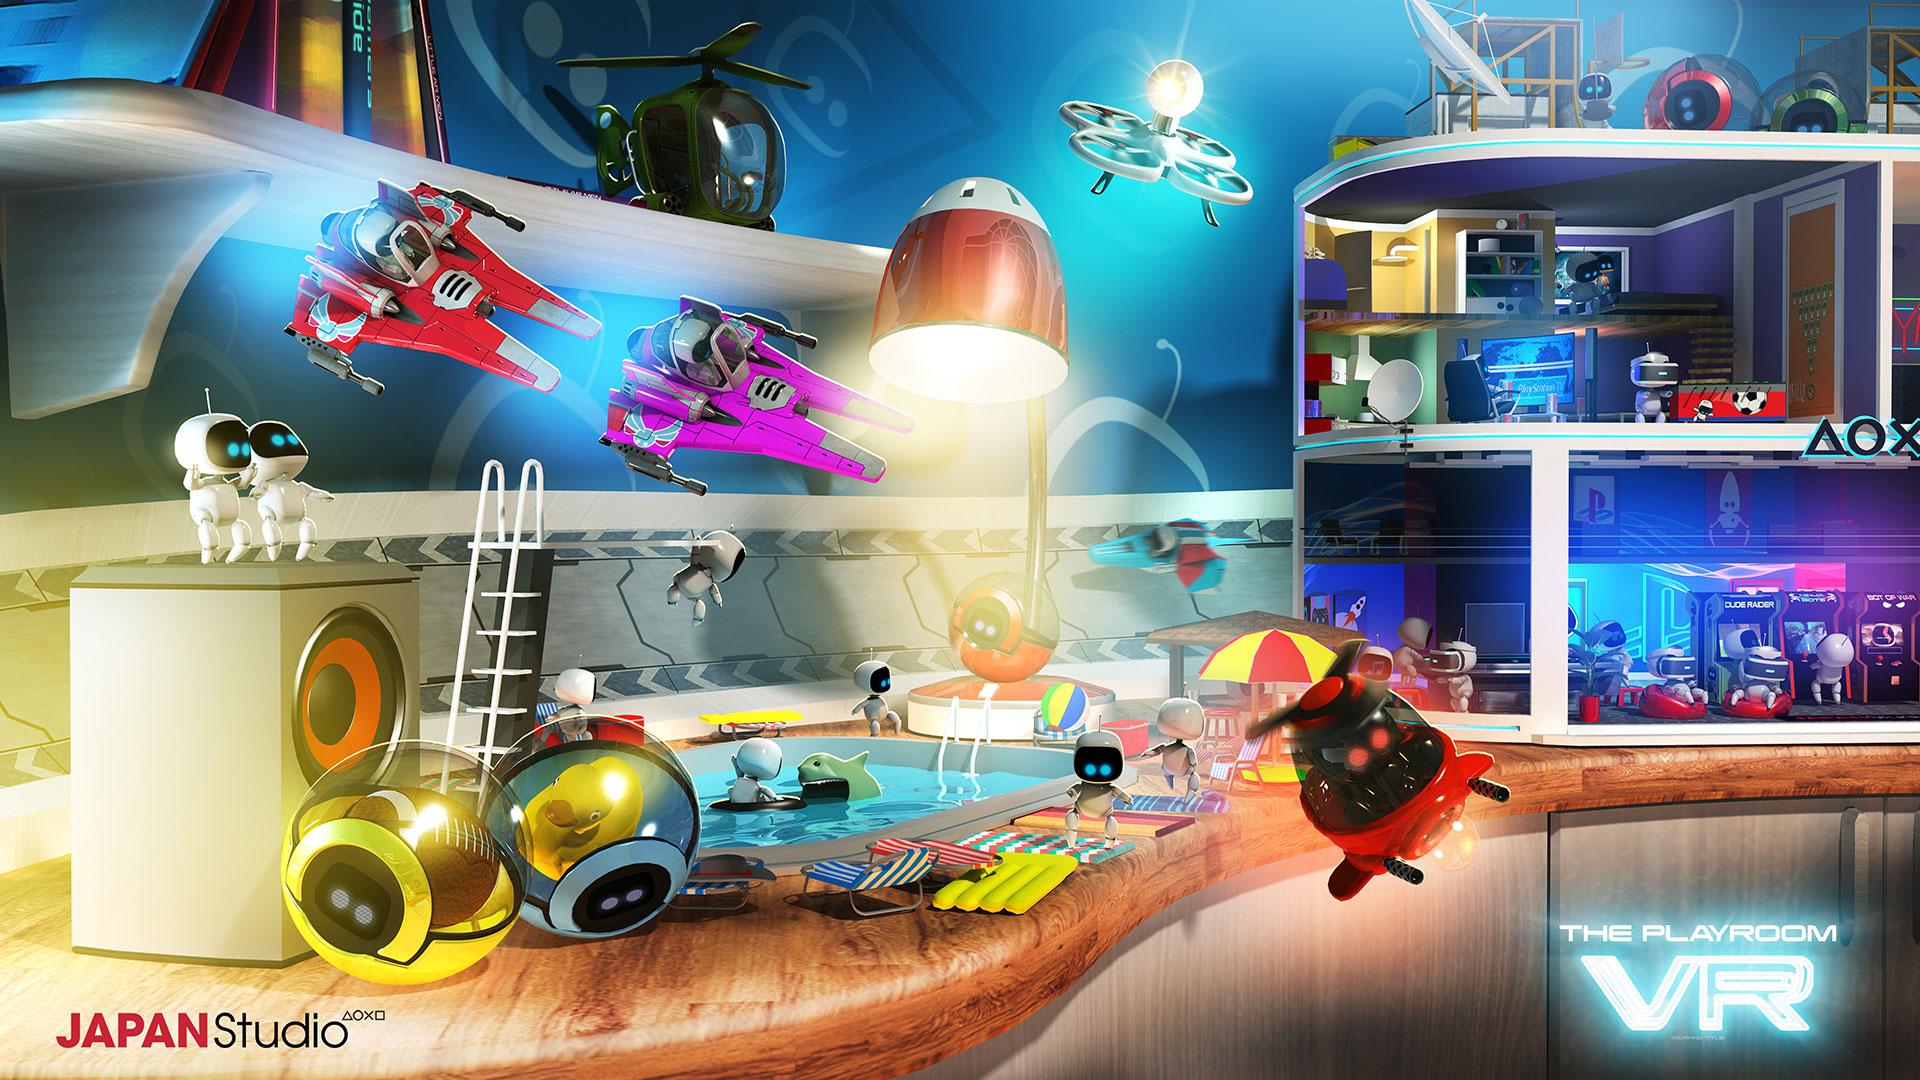 """Die extra für PlayStation VR konzipierte Minigame-Sammlung """"Playroom VR"""" zeigt gekonnt mögliche Spielarten für die Virtuelle Realität auf. (13.10. für PS4, PS VR)"""